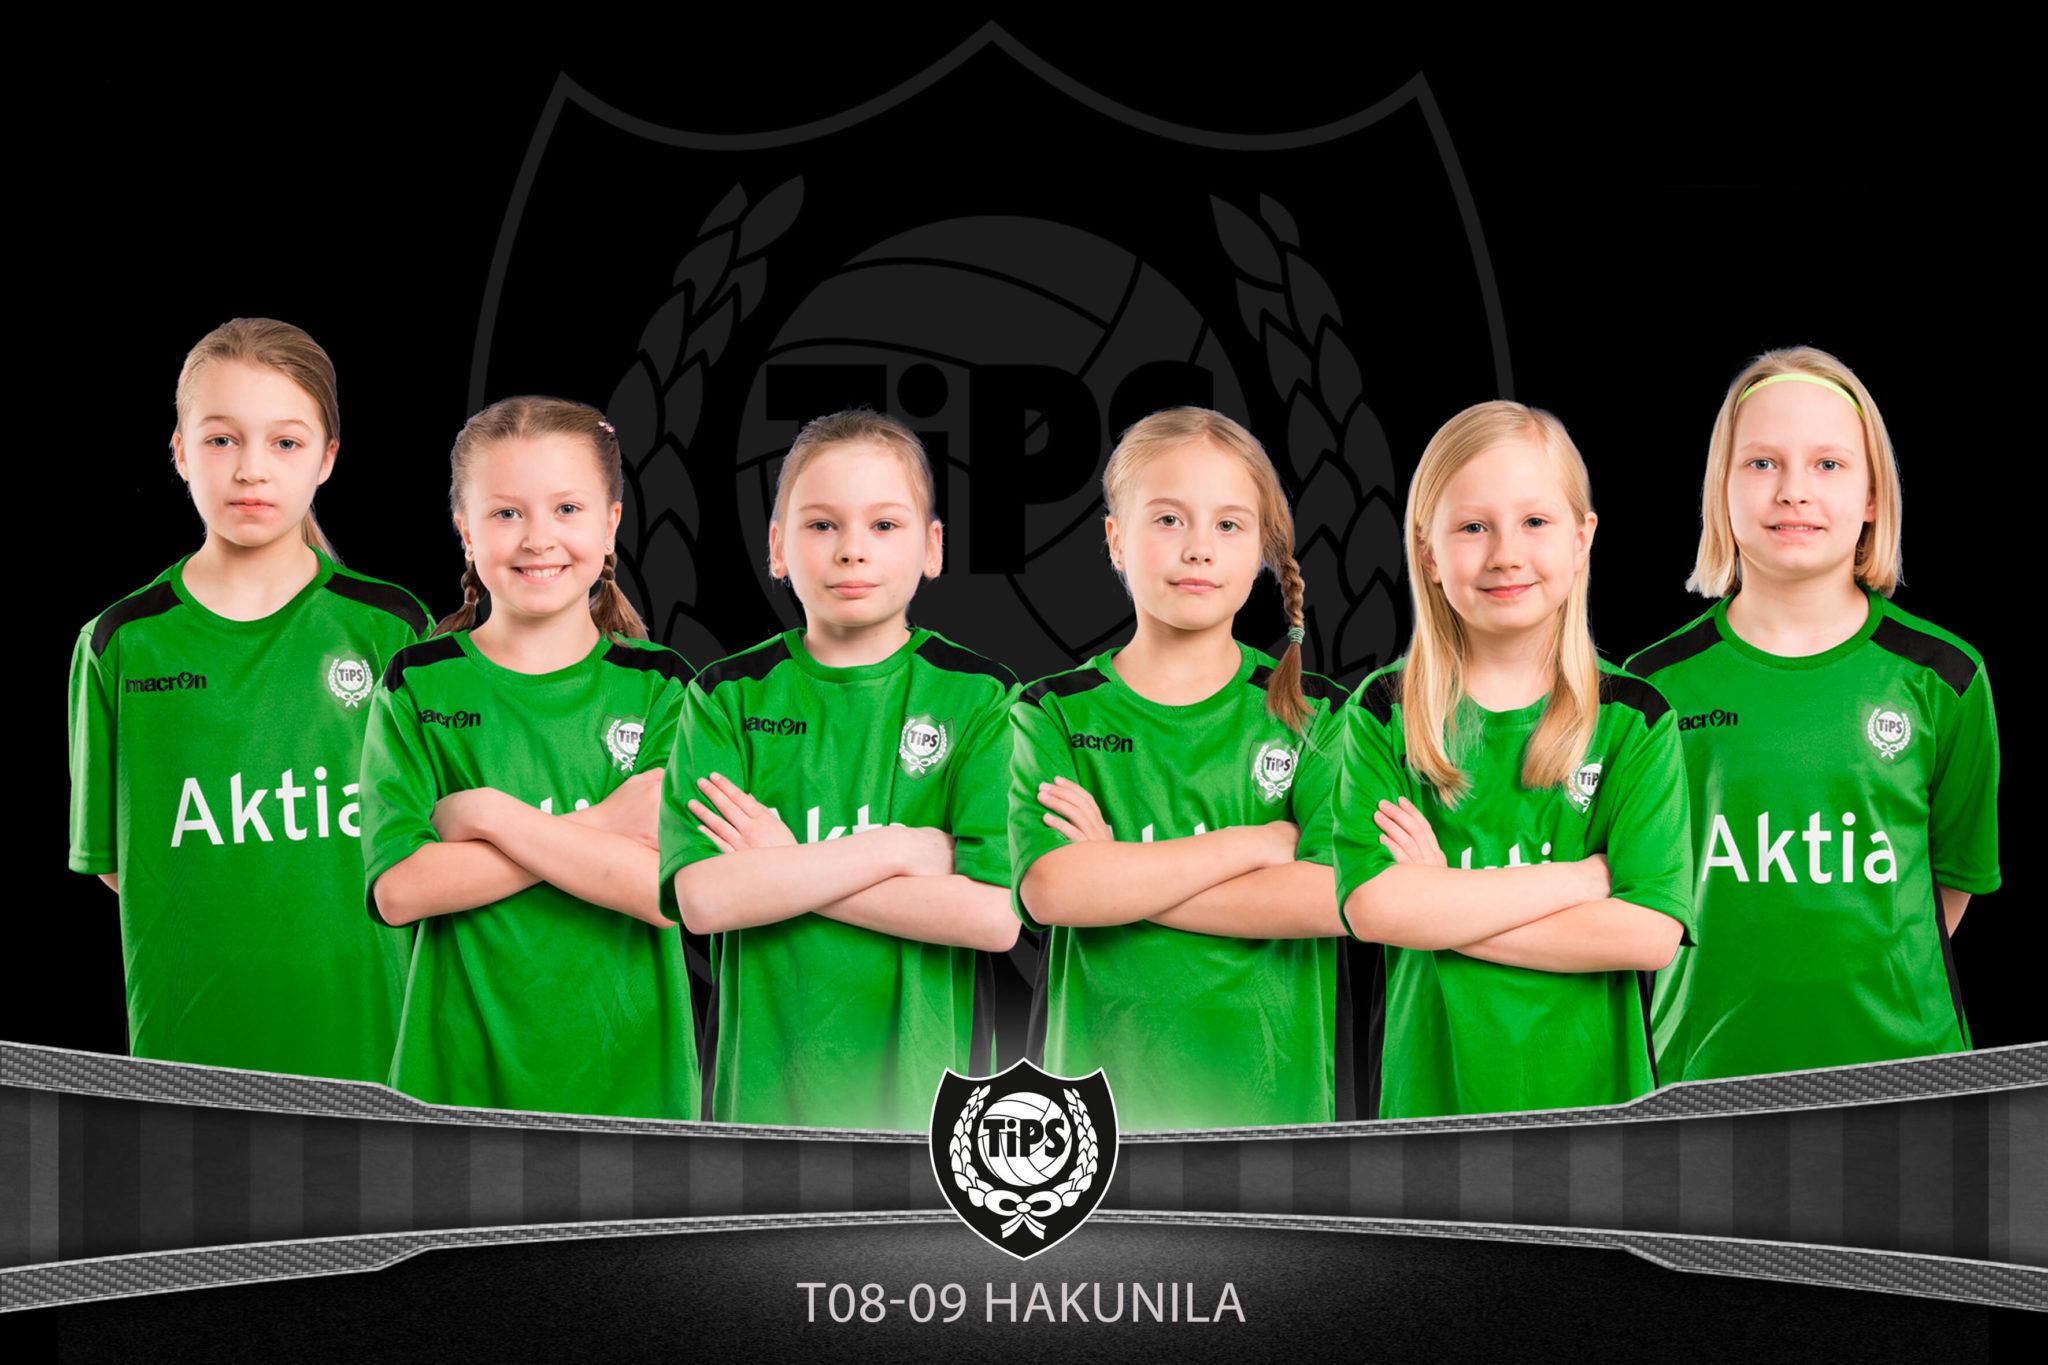 TiPS tytöt 2010 Hakunila